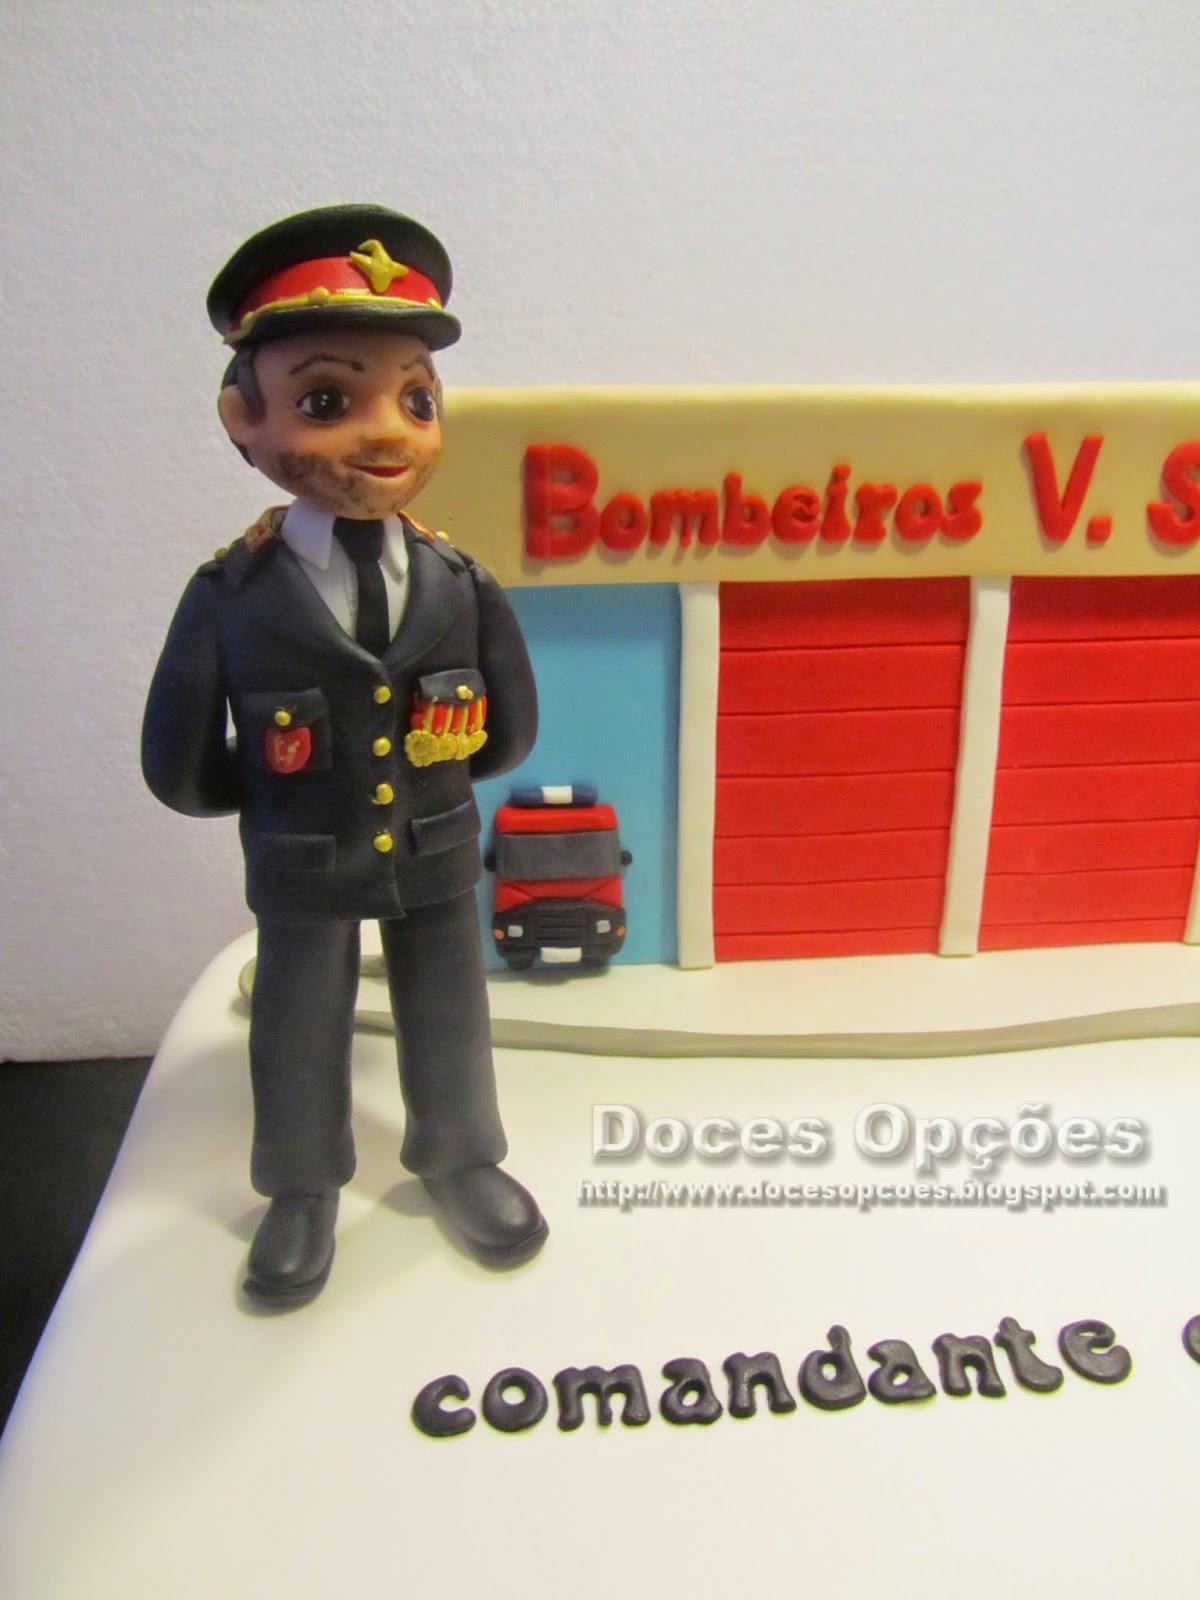 bolo comandante bombeiros